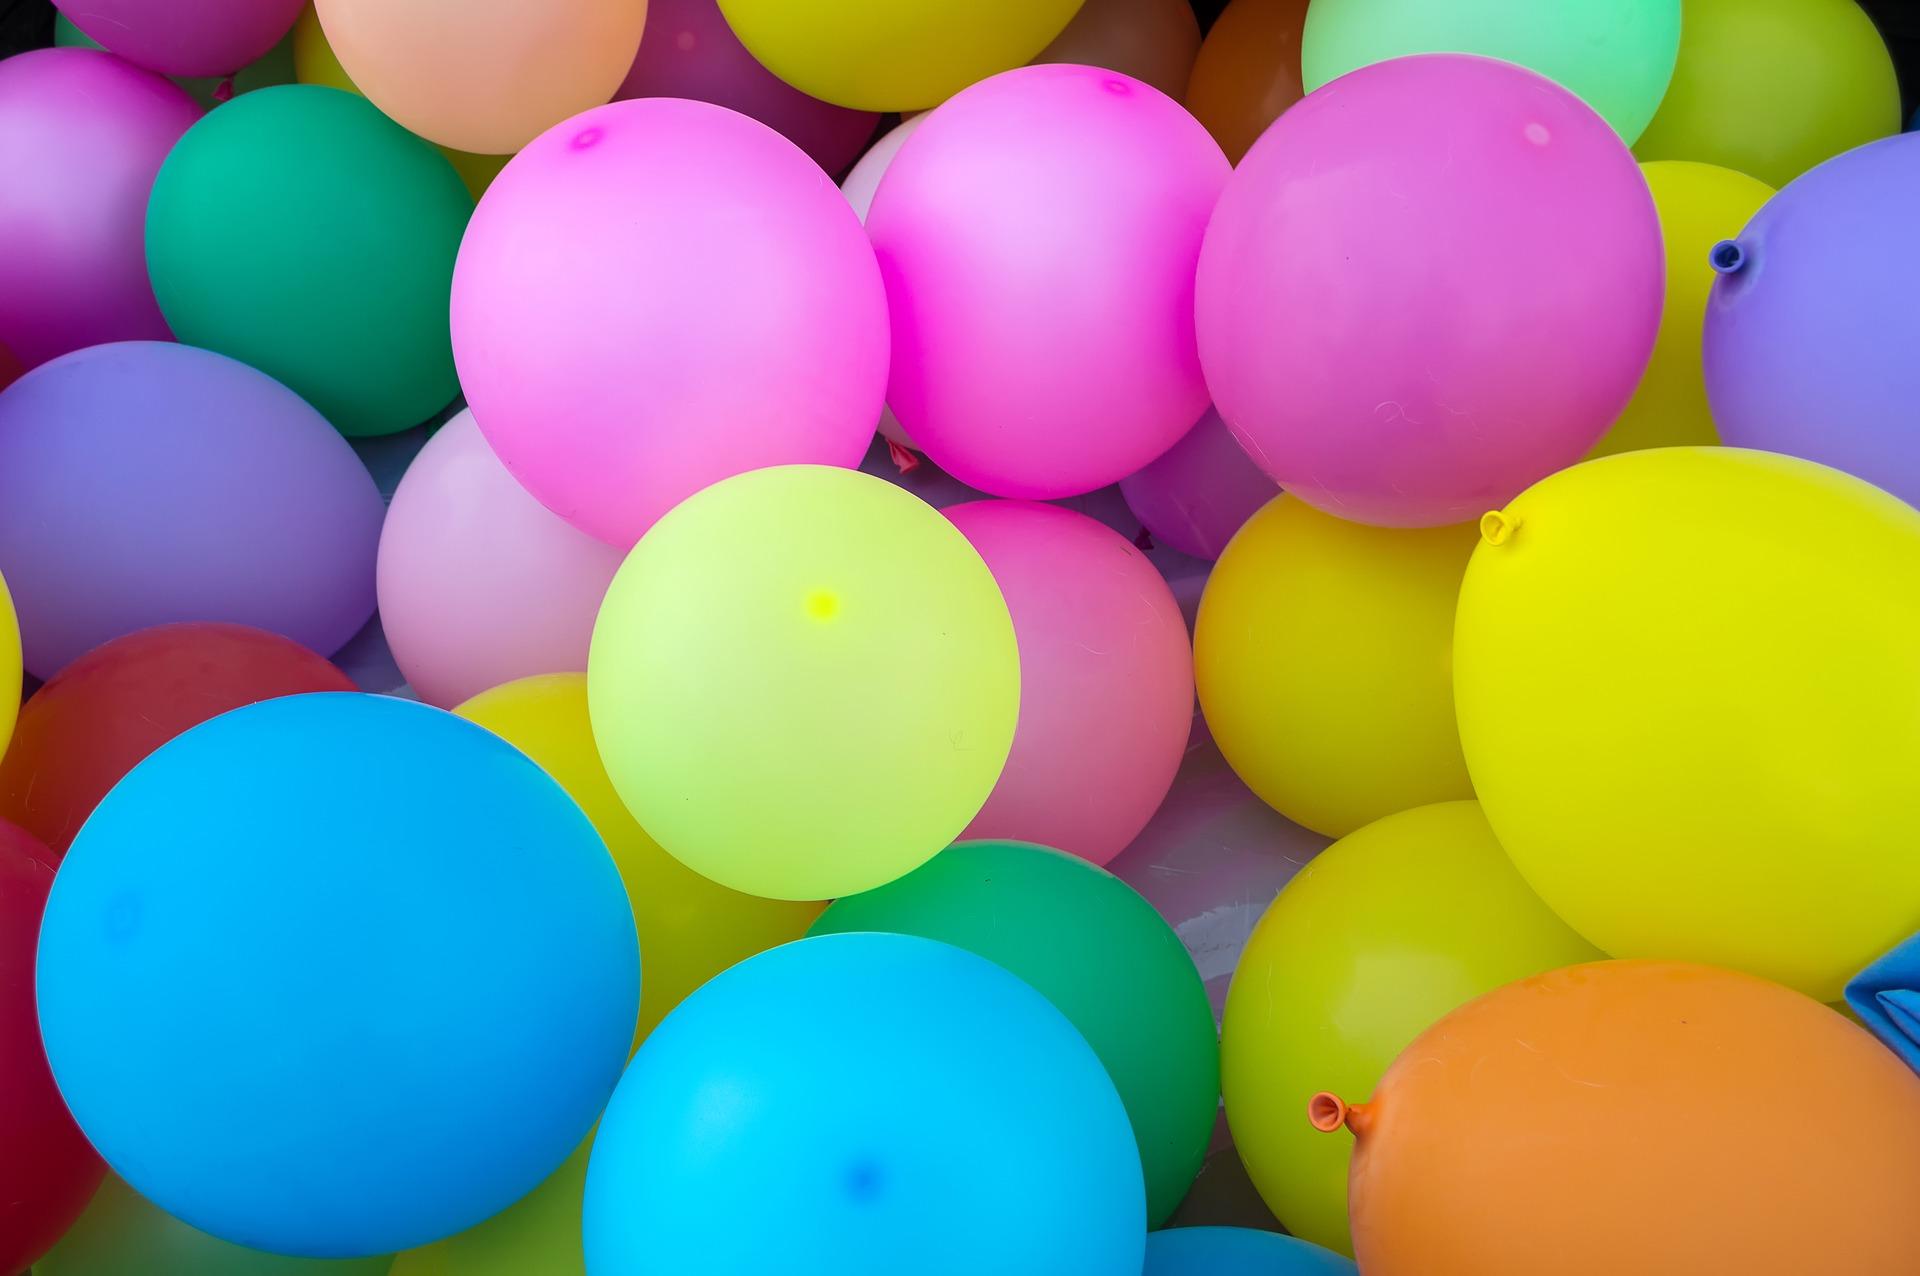 Luftballons mit Helium für Partys auf gutshausblog.de